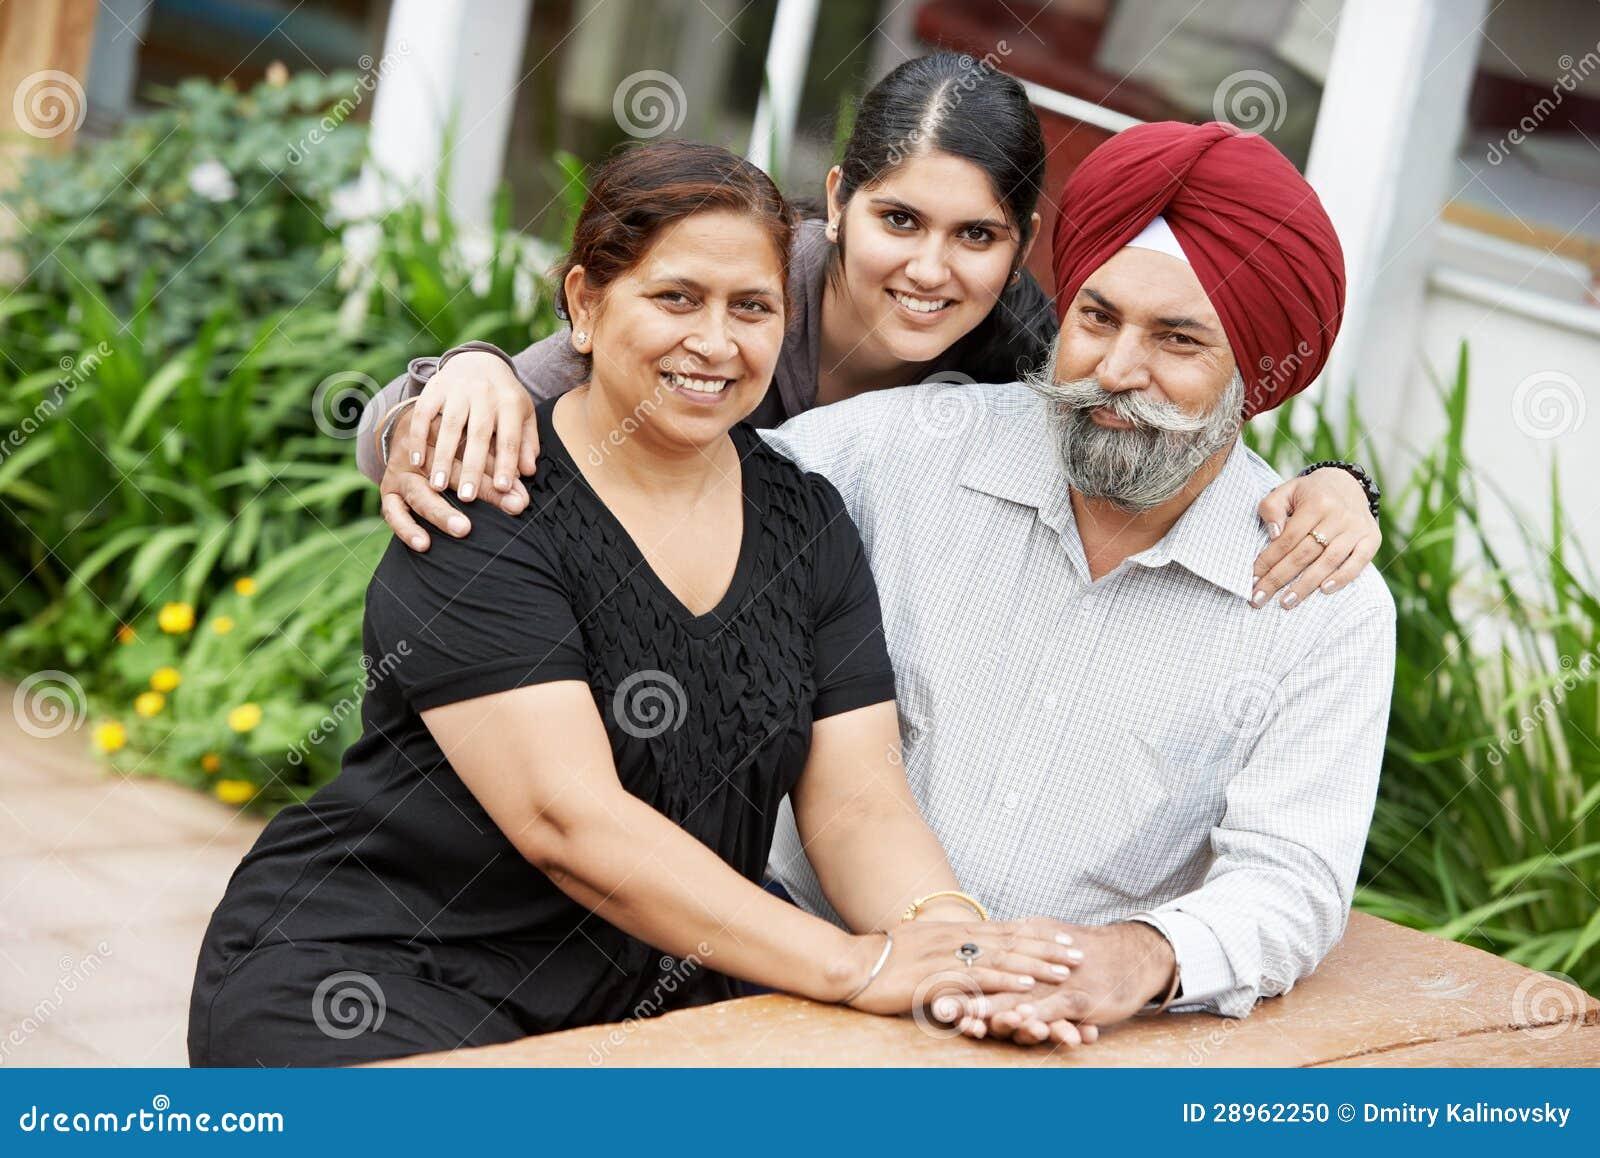 Download Szczęśliwi Indyjscy Dorosli Ludzie Rodzinni Zdjęcie Stock - Obraz złożonej z azjata, hindus: 28962250